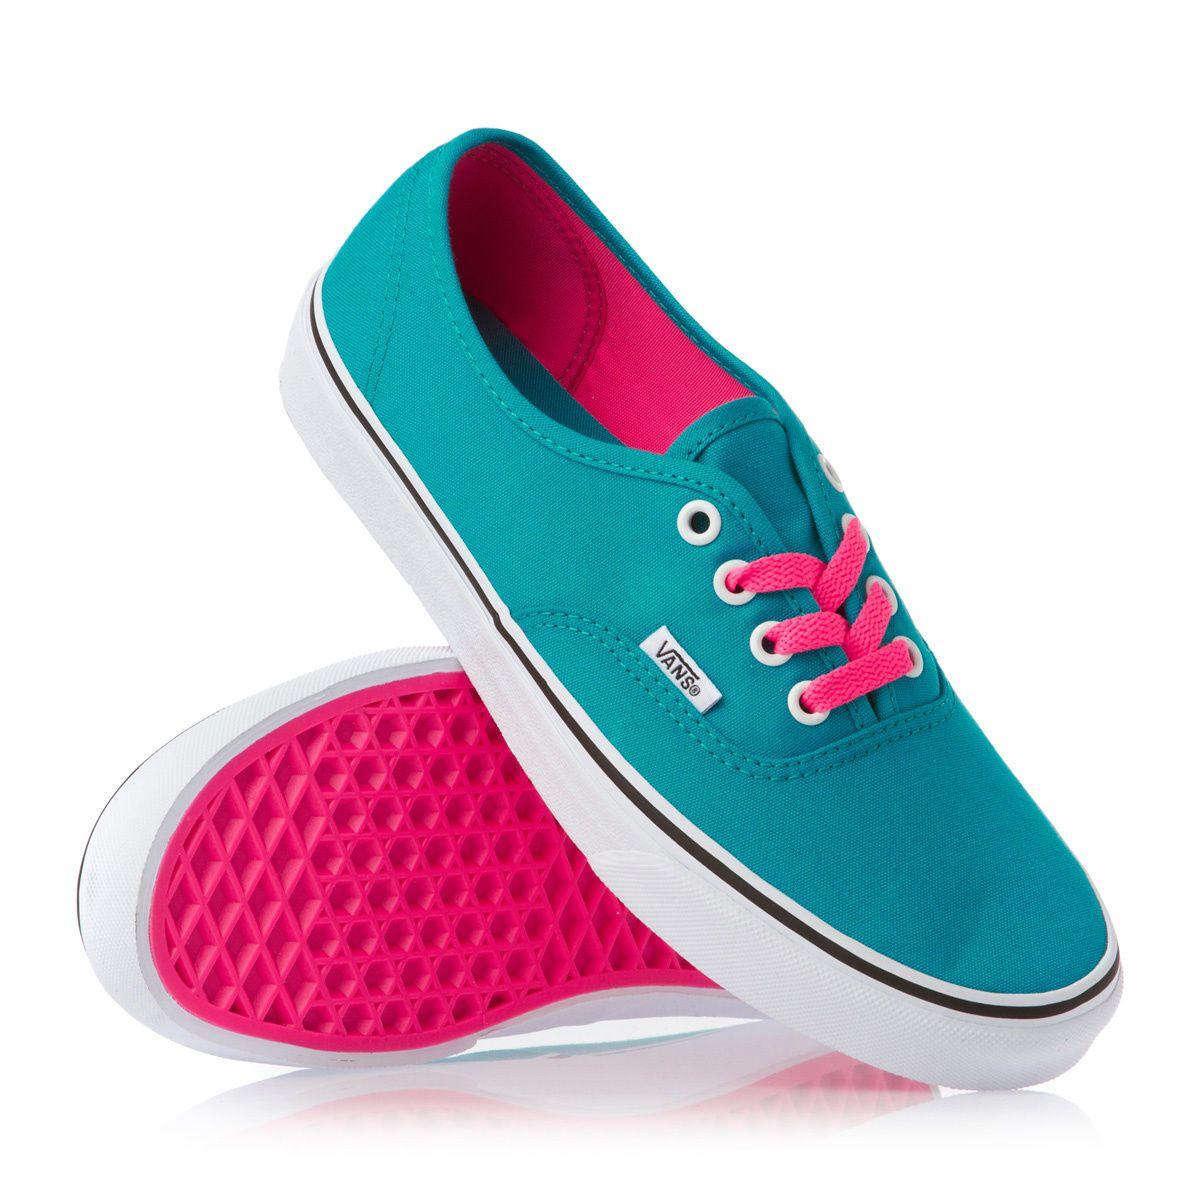 8a194ac19da Vans Authentic Shoes - Blue Bird